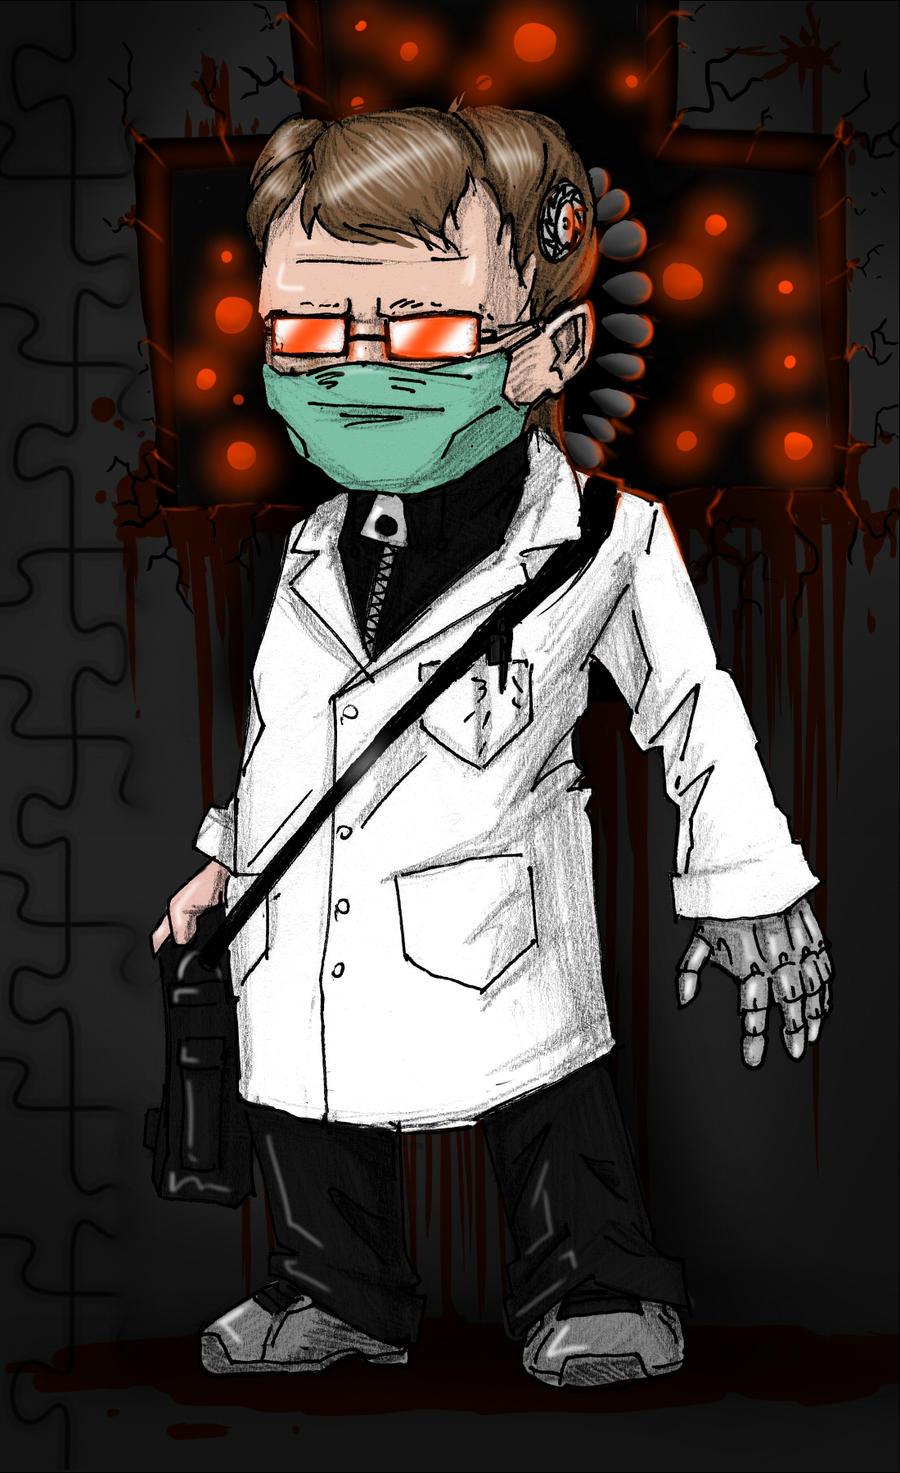 VeedMEDIC's Profile Picture